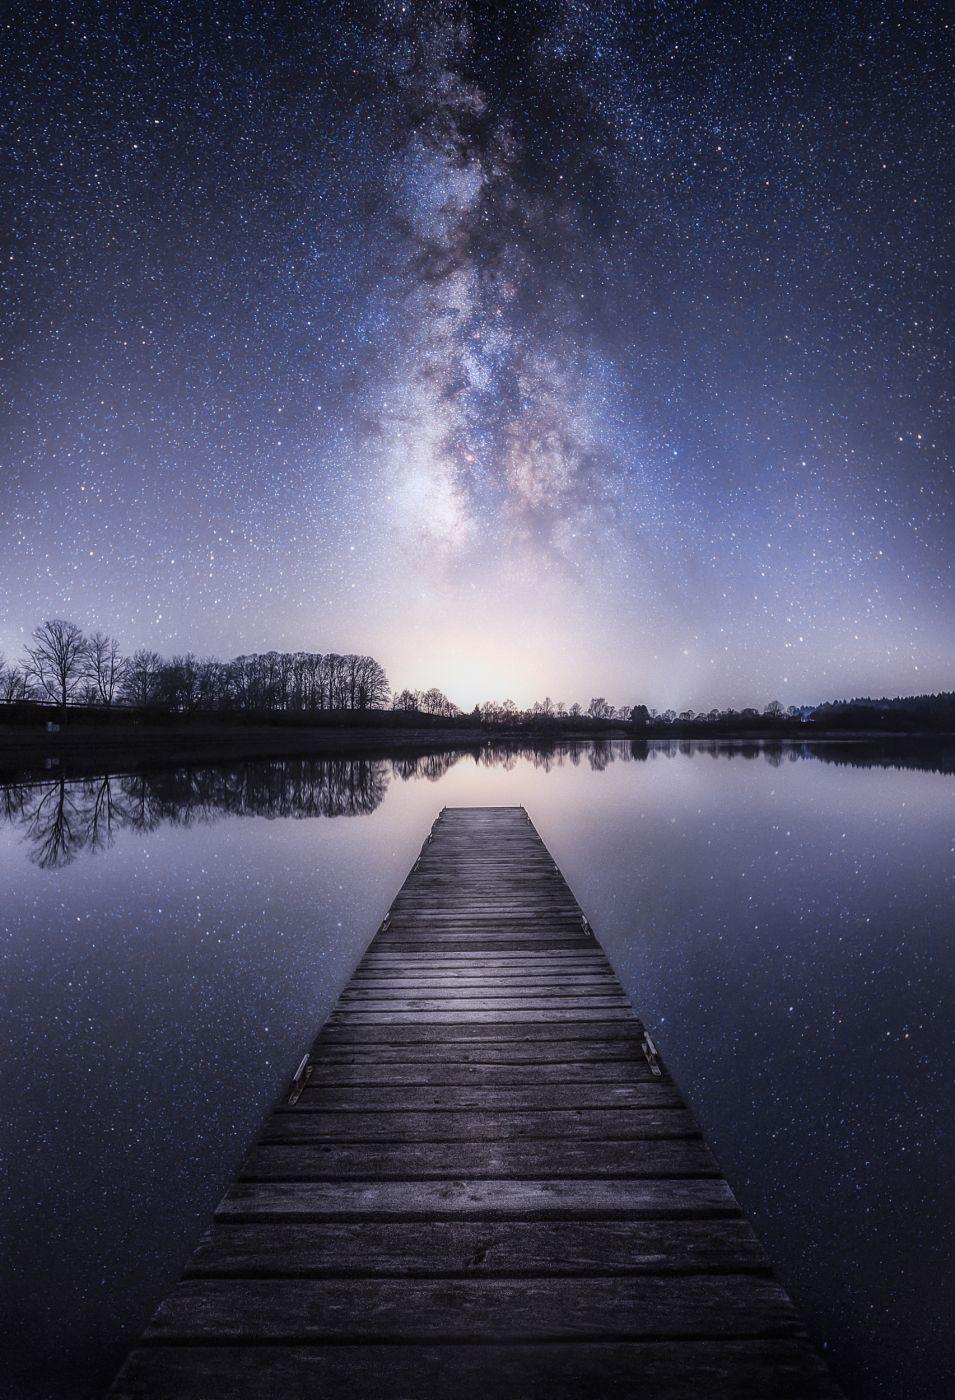 Lake in Losheim, Germany